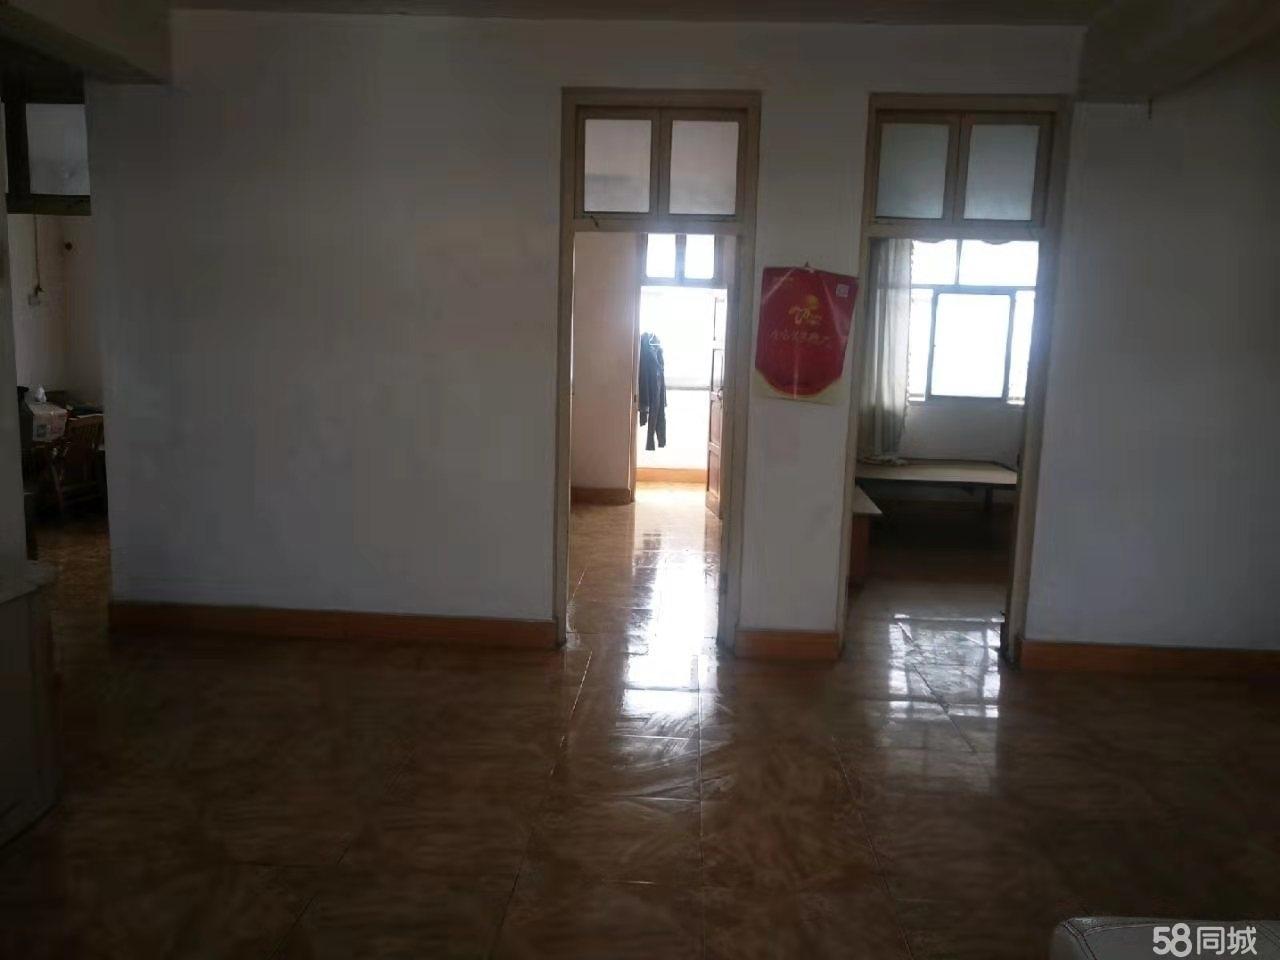 农机局家属院3室2厅2卫 步梯6楼,繁华地段